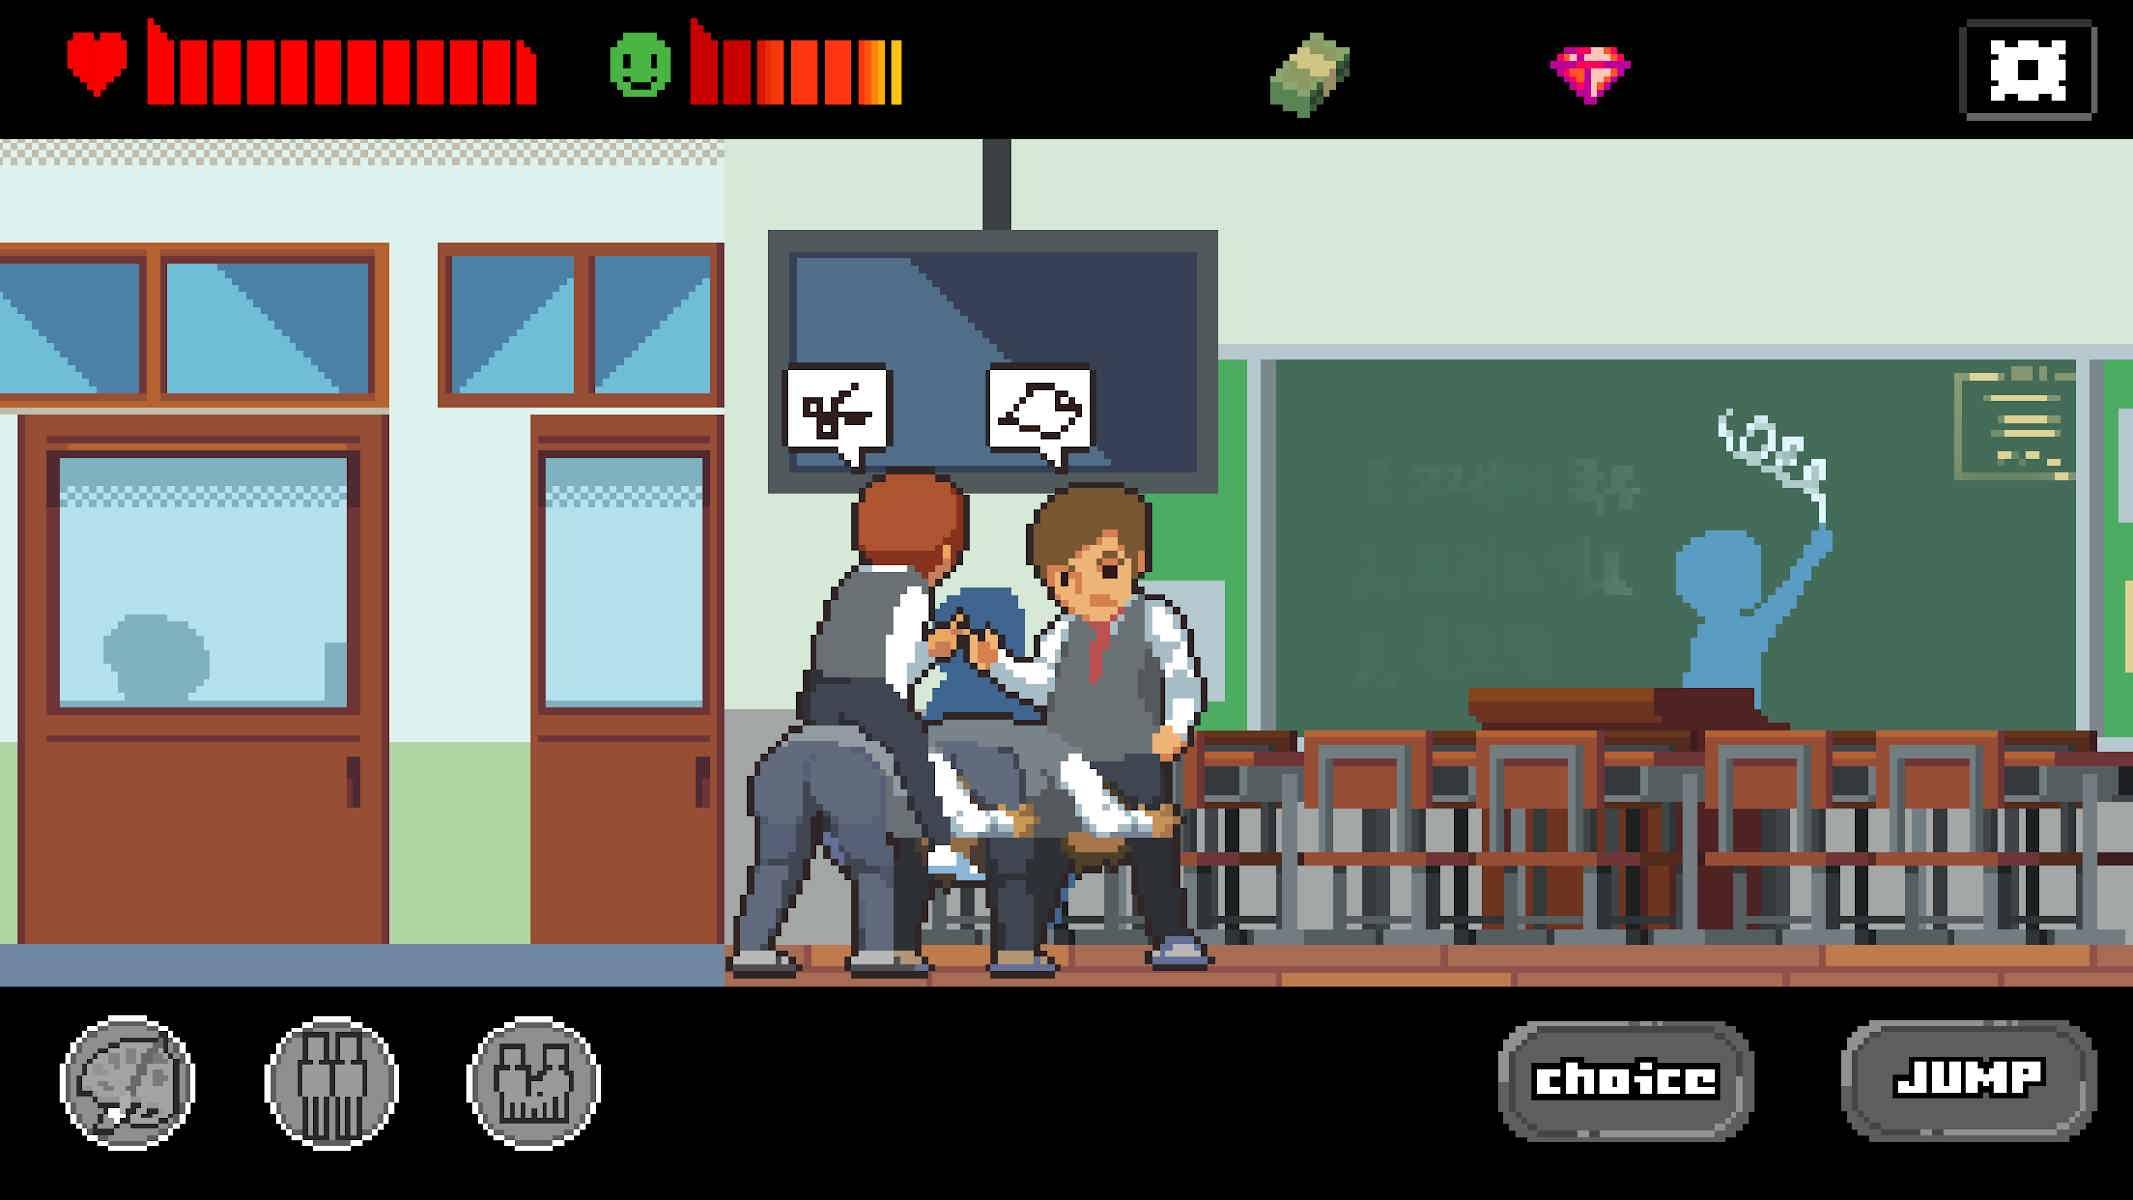 دانلود Life is a Game 2.4.17 – بازی سرگرم کننده زندگی یک بازی است اندروید